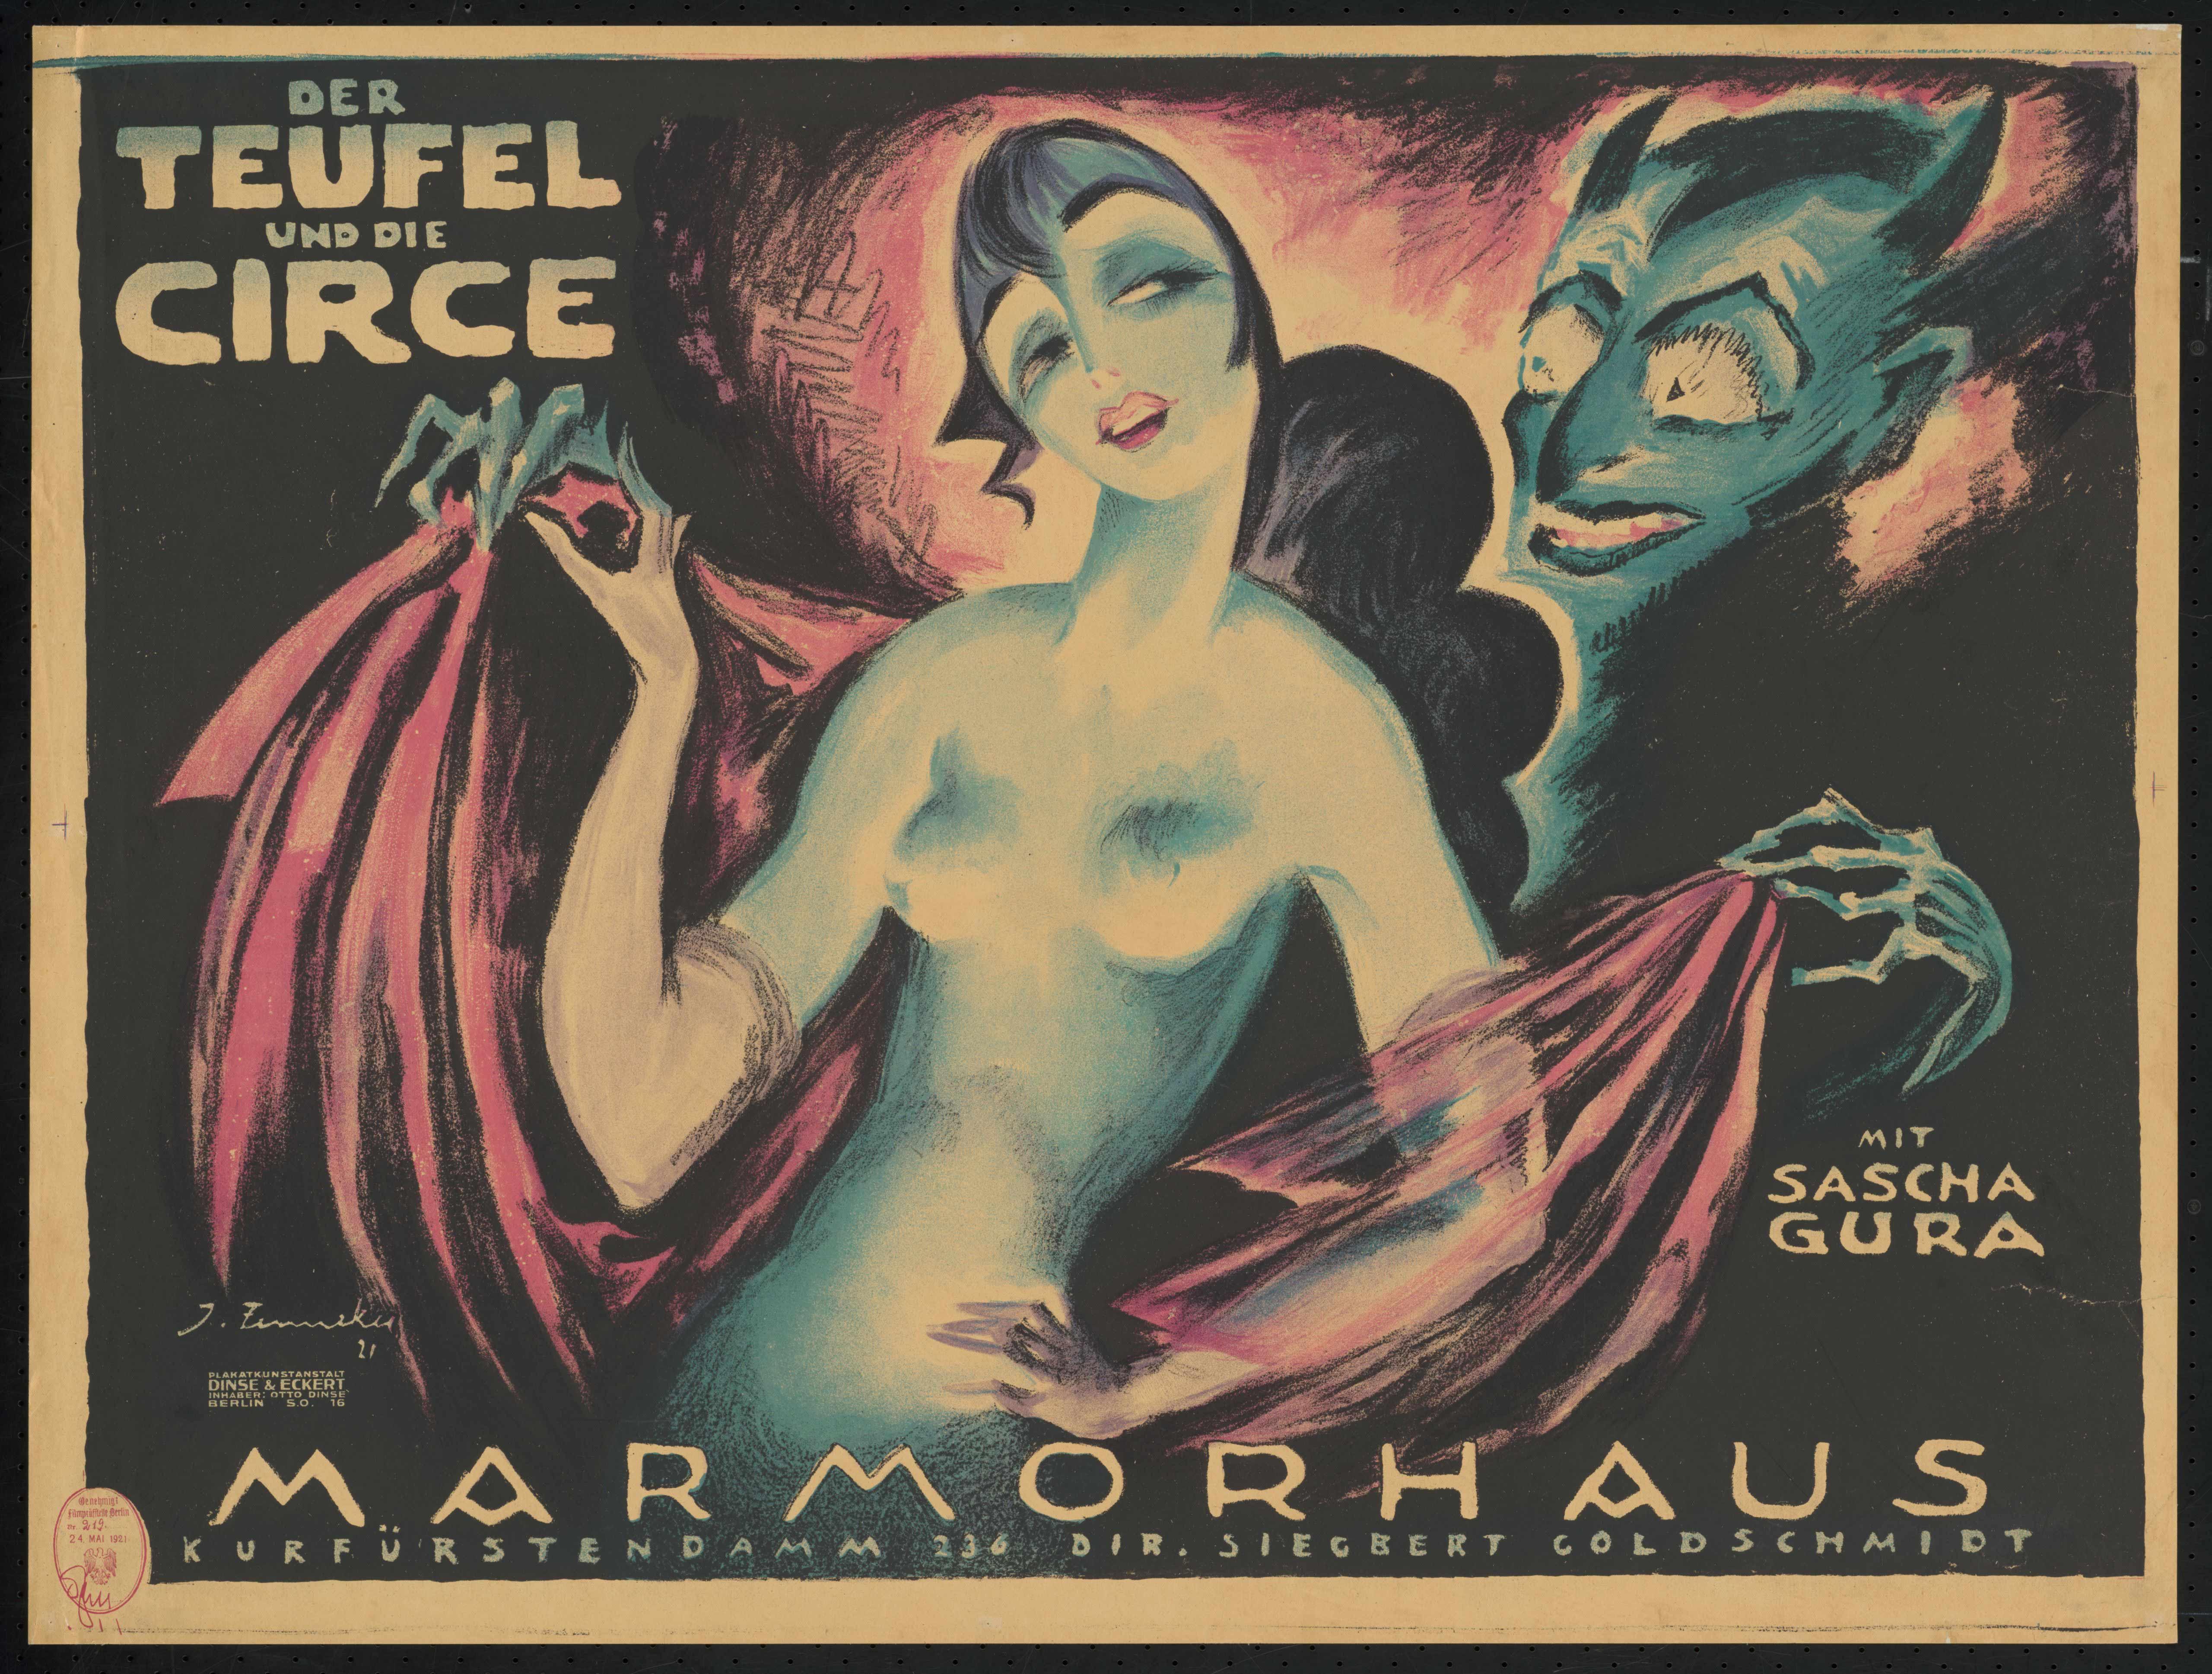 Plakat zu dem Film Teufel und Circe, Deutschland 1920, Regie: Adolf Gärtner, von Plakatkünstler Josef Fenneker